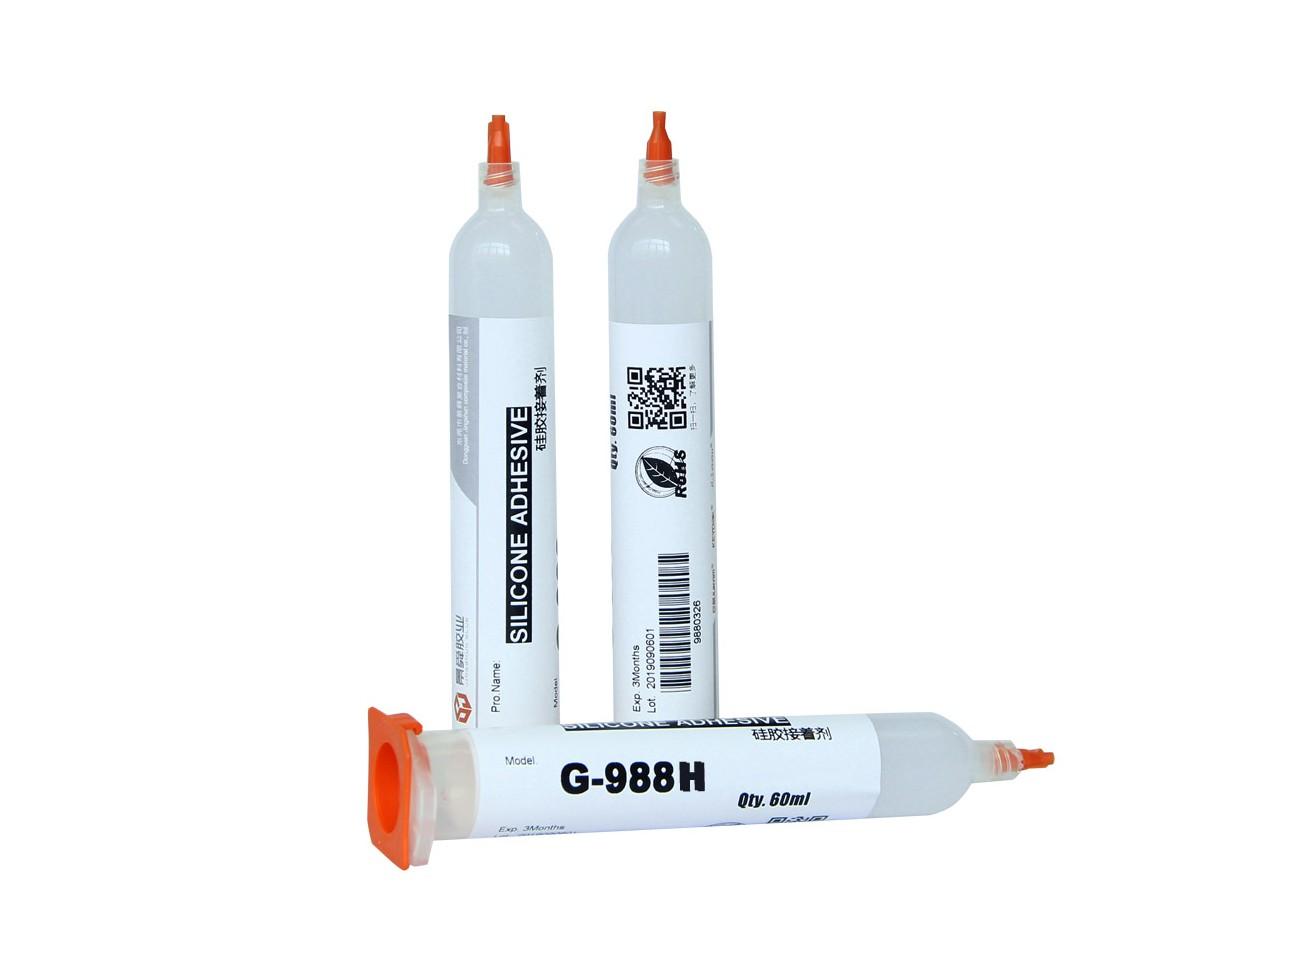 硅胶粘PE塑料-耐高温型-988H